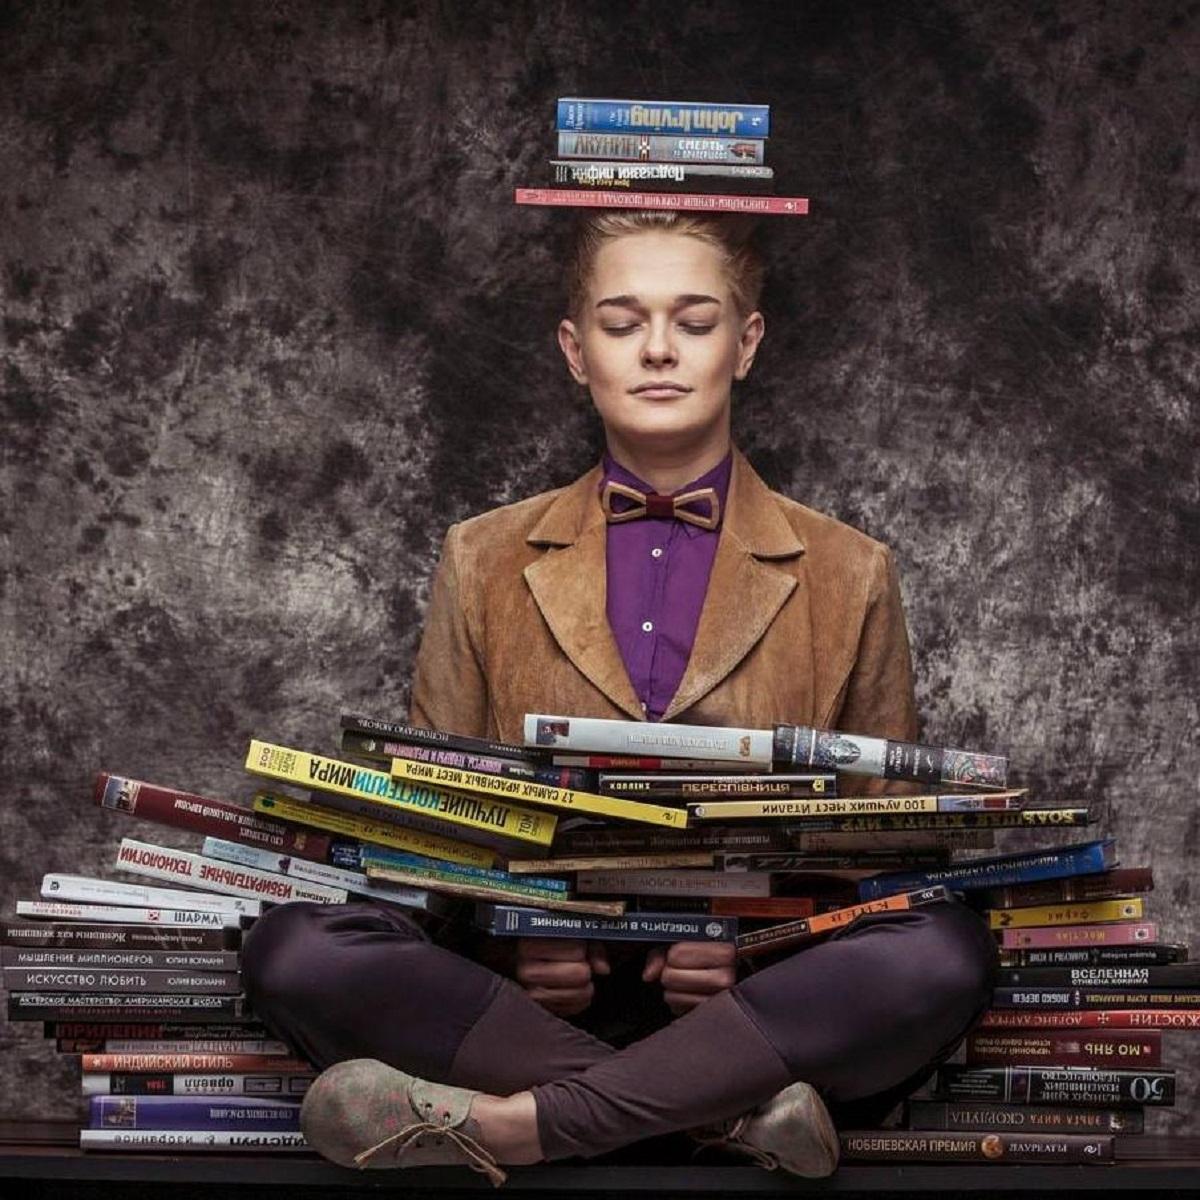 Пиши книги и зарабатывай миллионы – издатель рассказал секреты